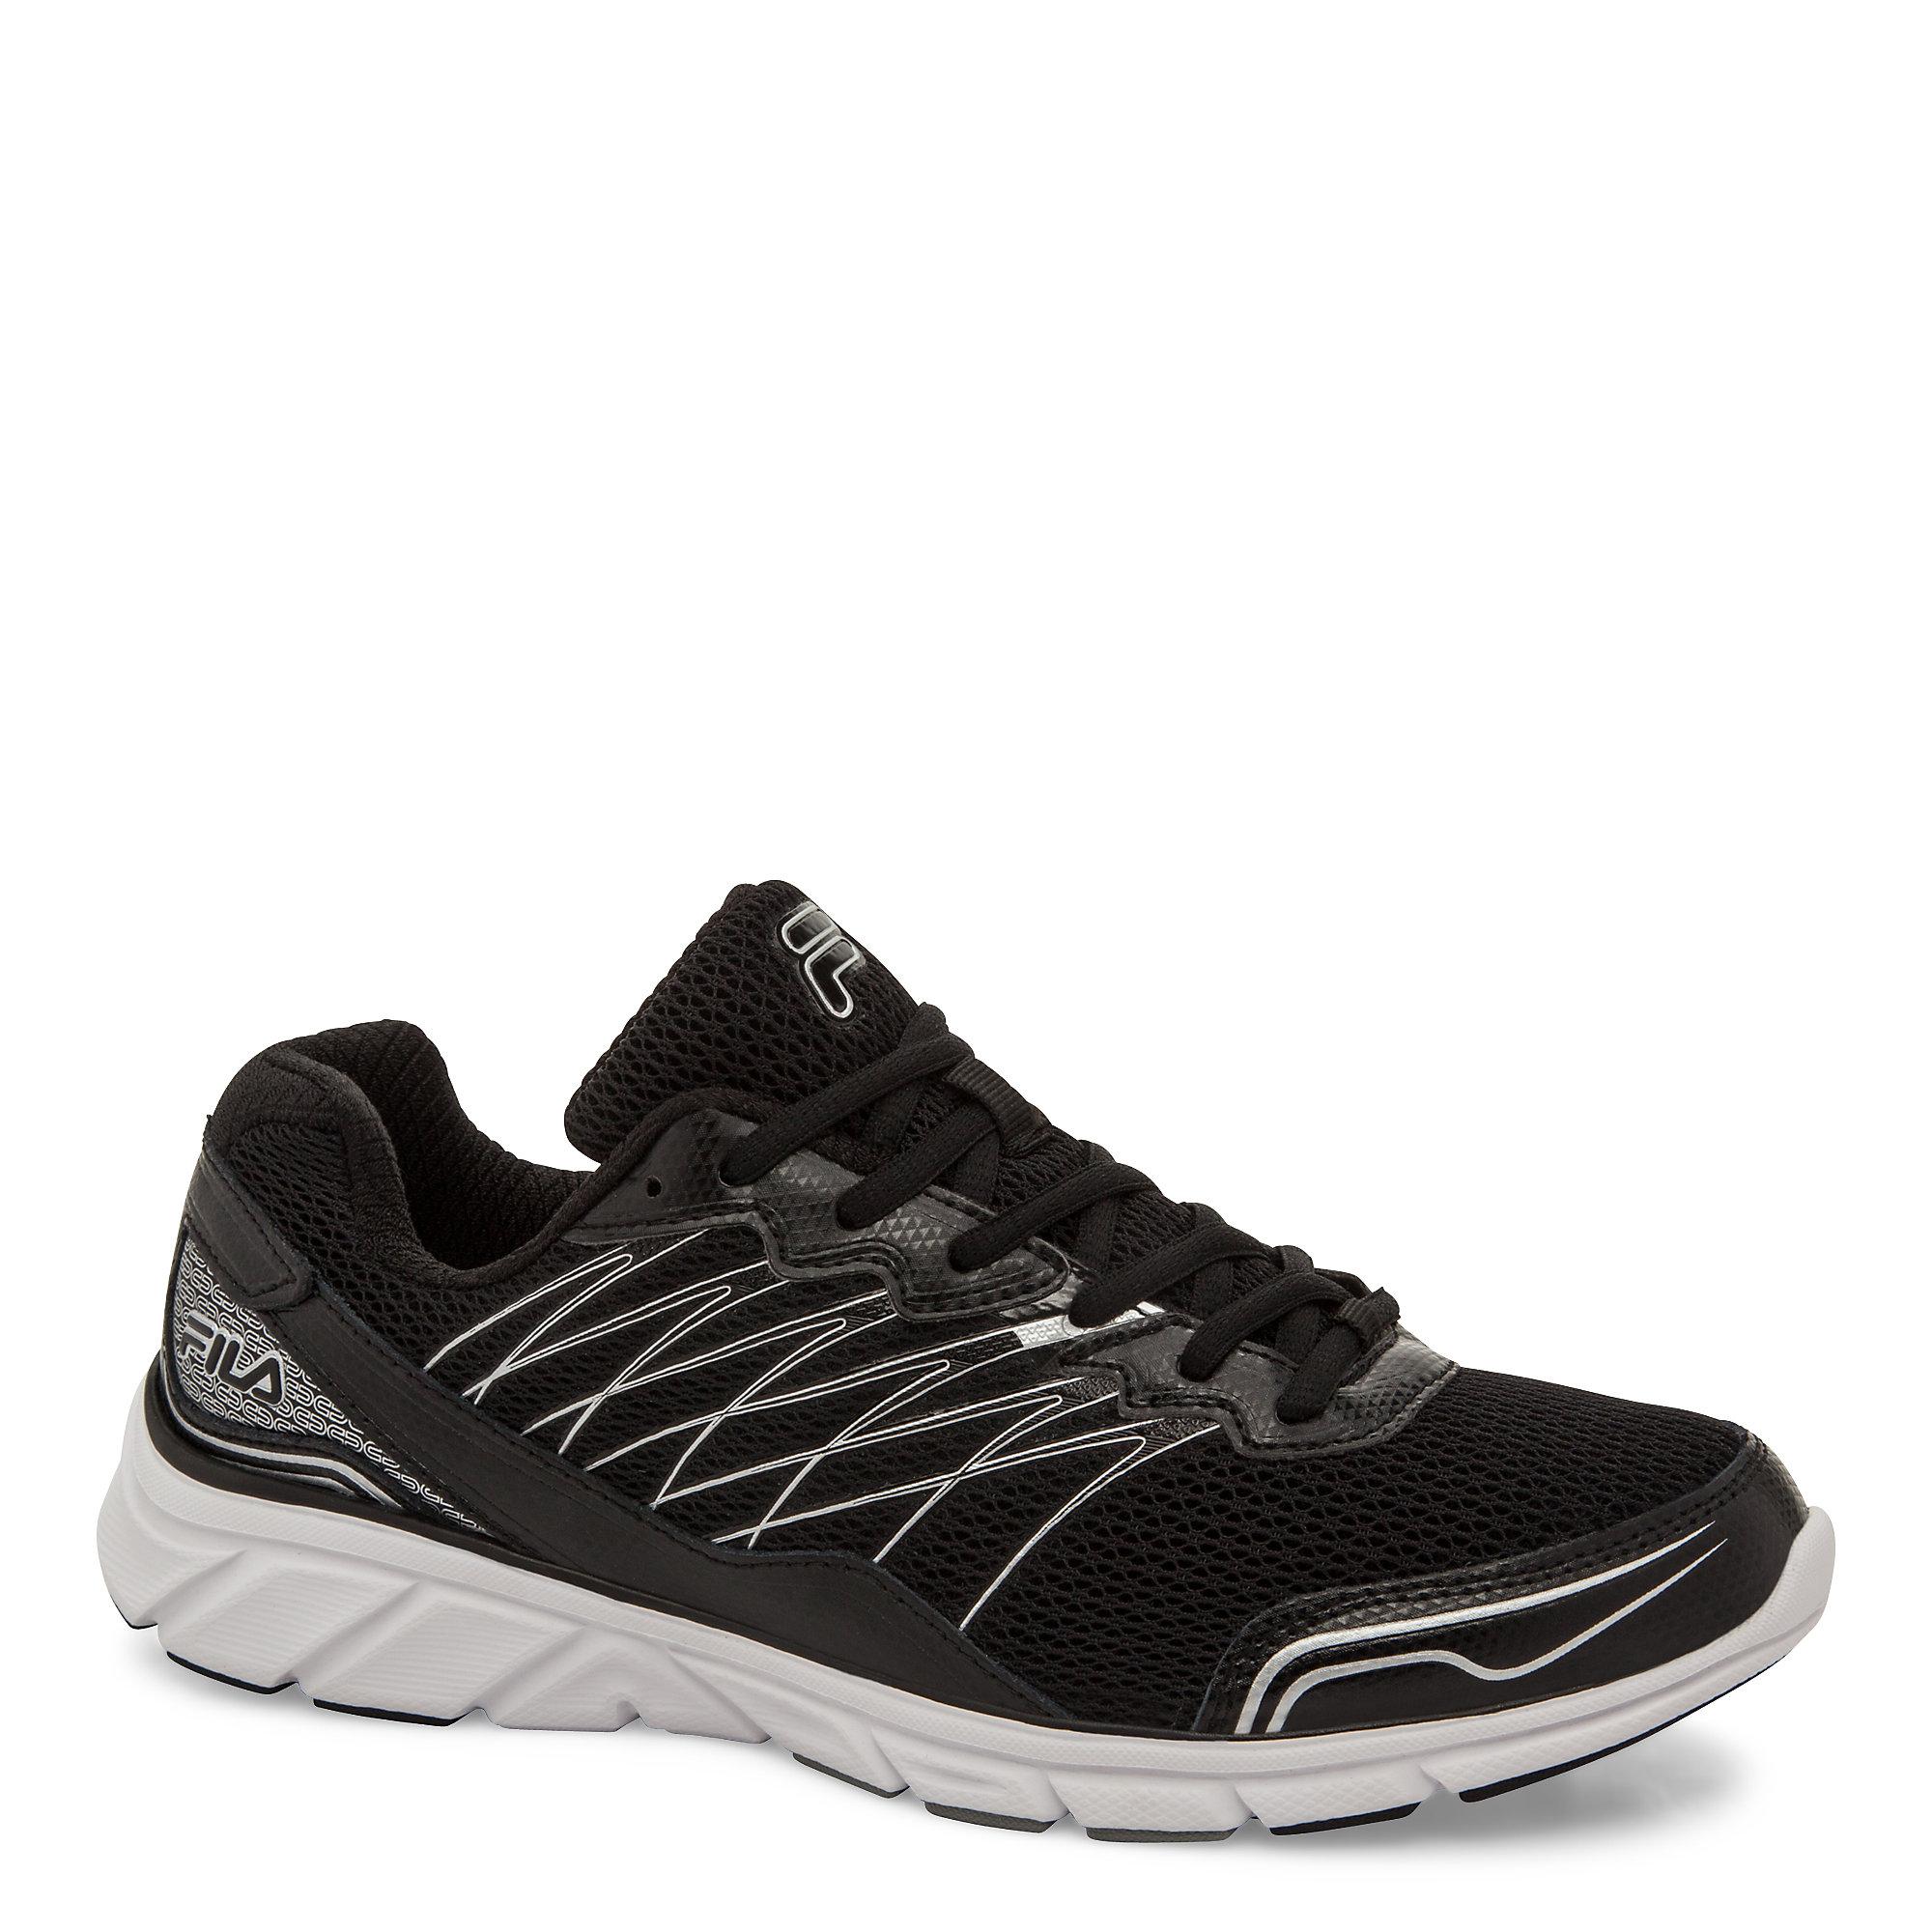 FILA Men's Countdown 2 Running Shoe $25 with free shipping